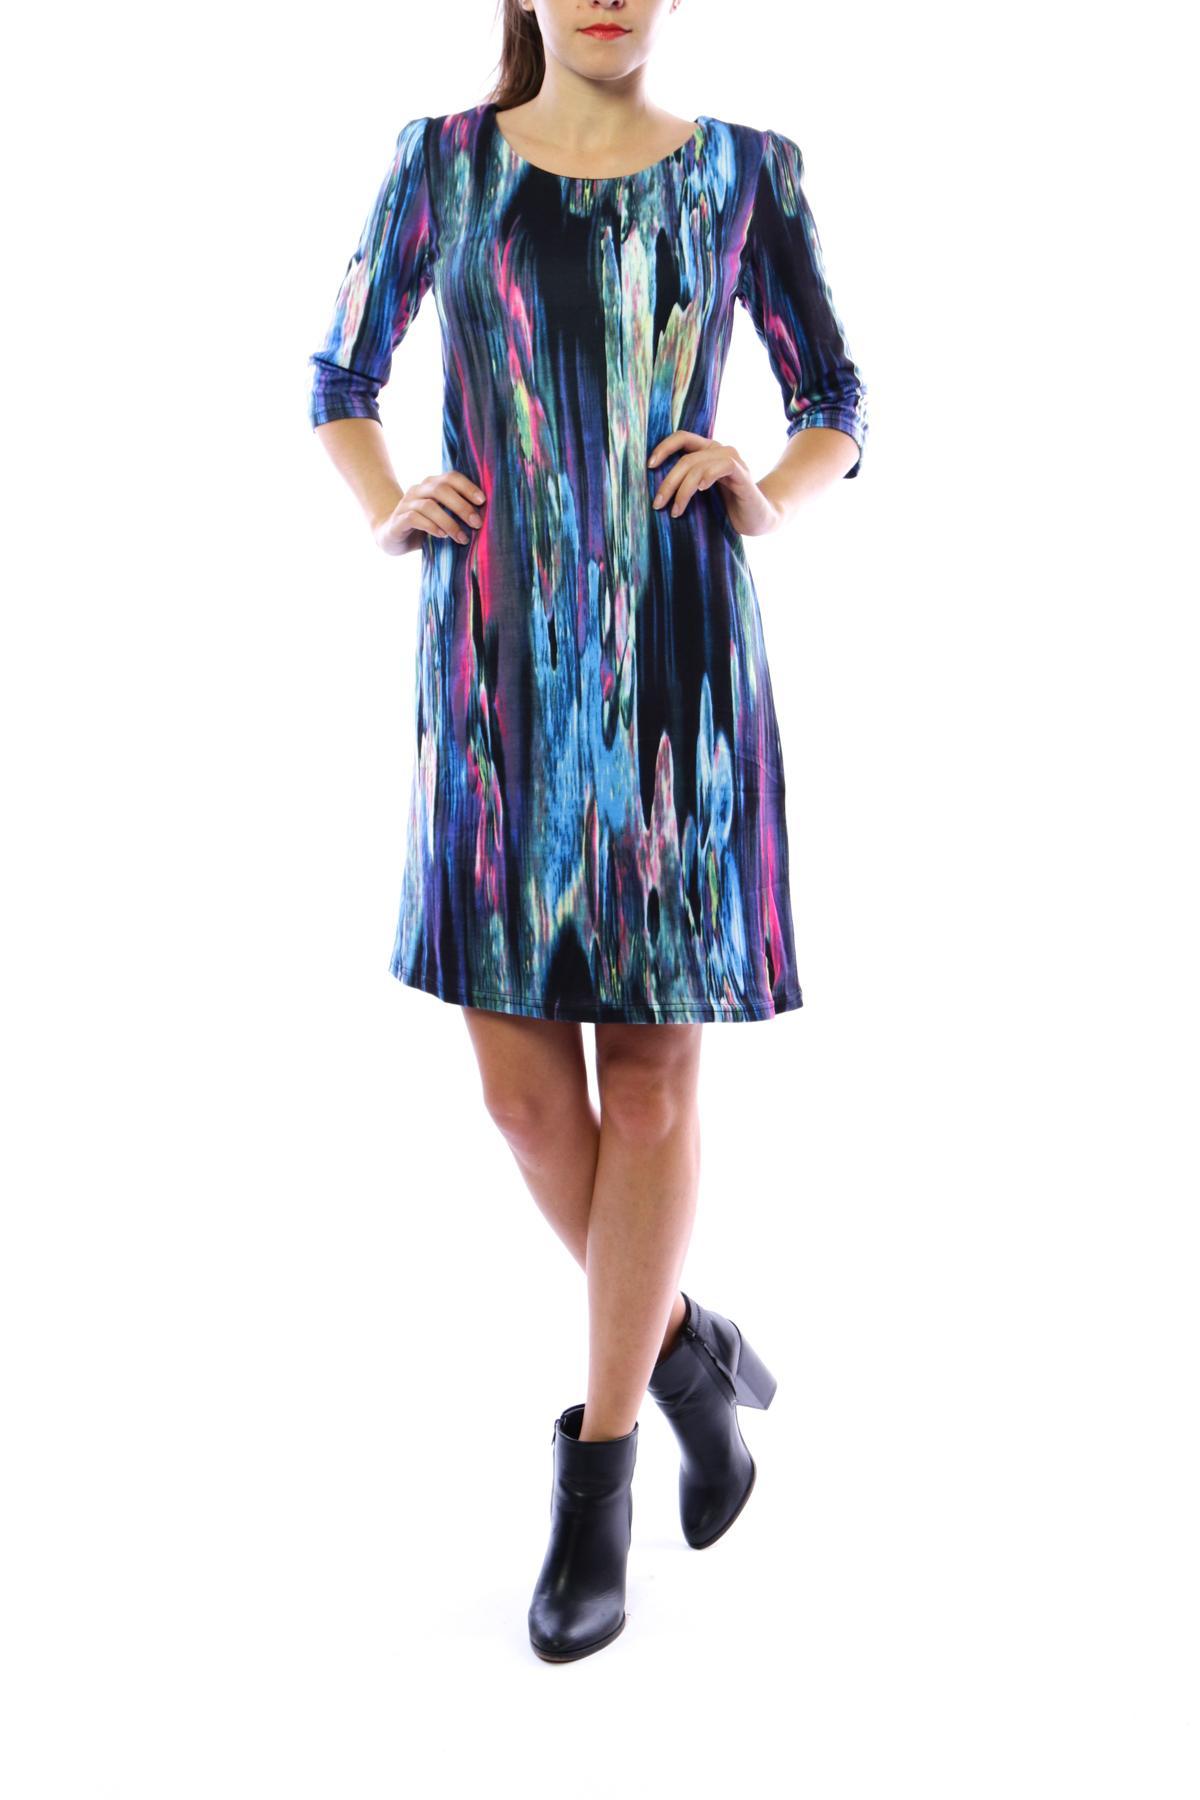 Robes mi-longues Femme 8669-VIOLET For Her Paris (SHINIE)